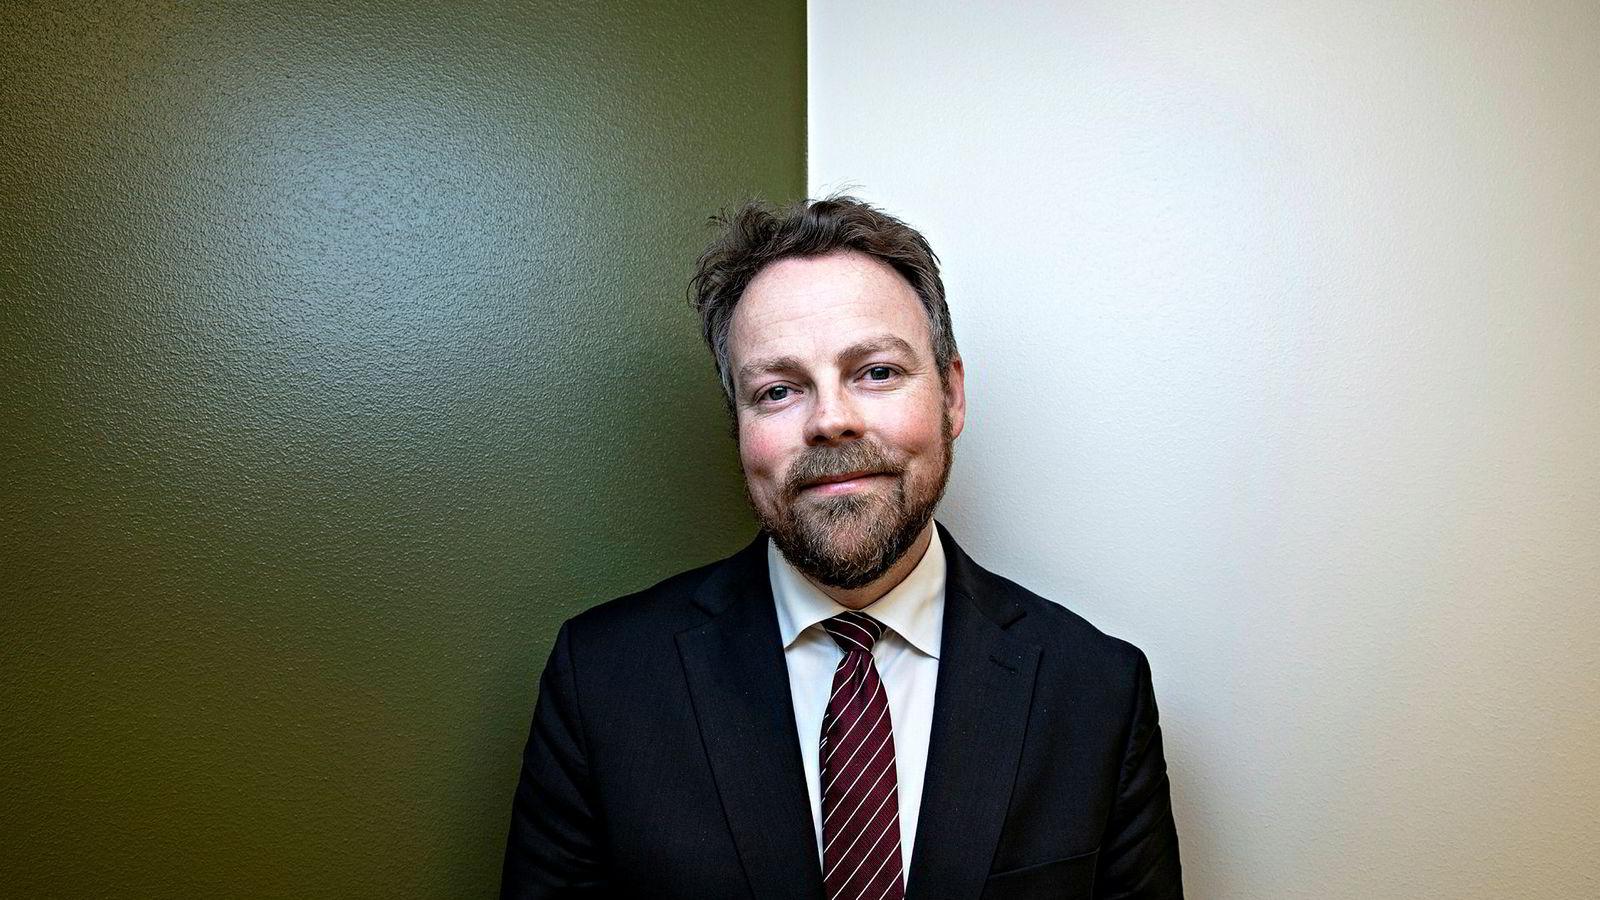 Næringsminister Torbjørn Røe Isaksen (H) forteller at partene blant annet forplikter seg til å bekjempe ulovlig hugst og ivareta urfolks rettigheter i den nye avtalen med Brasil.